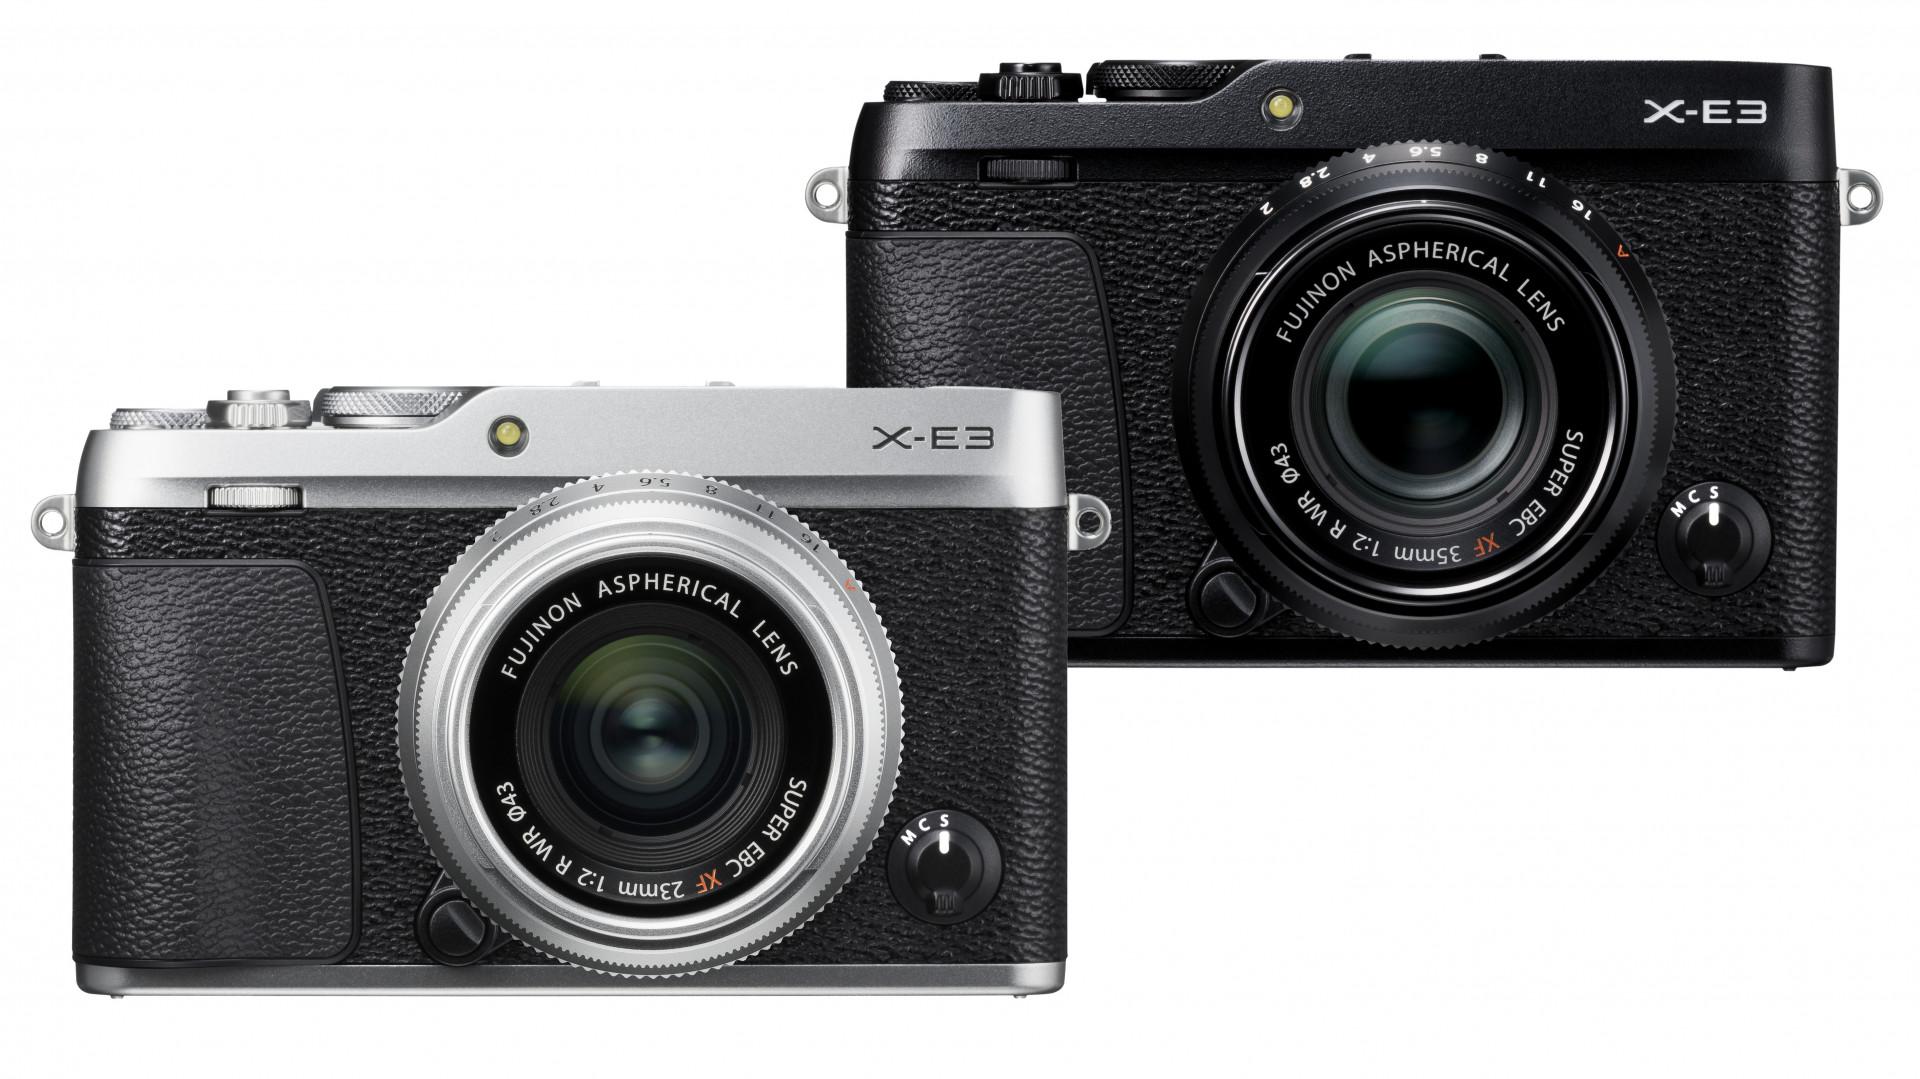 Kompakte Systemkamera Fujifilm X E3 Mit Touchdisplay Und Bluetooth Kit Xf 23mm F2 Black 35mm Ct Fotografie